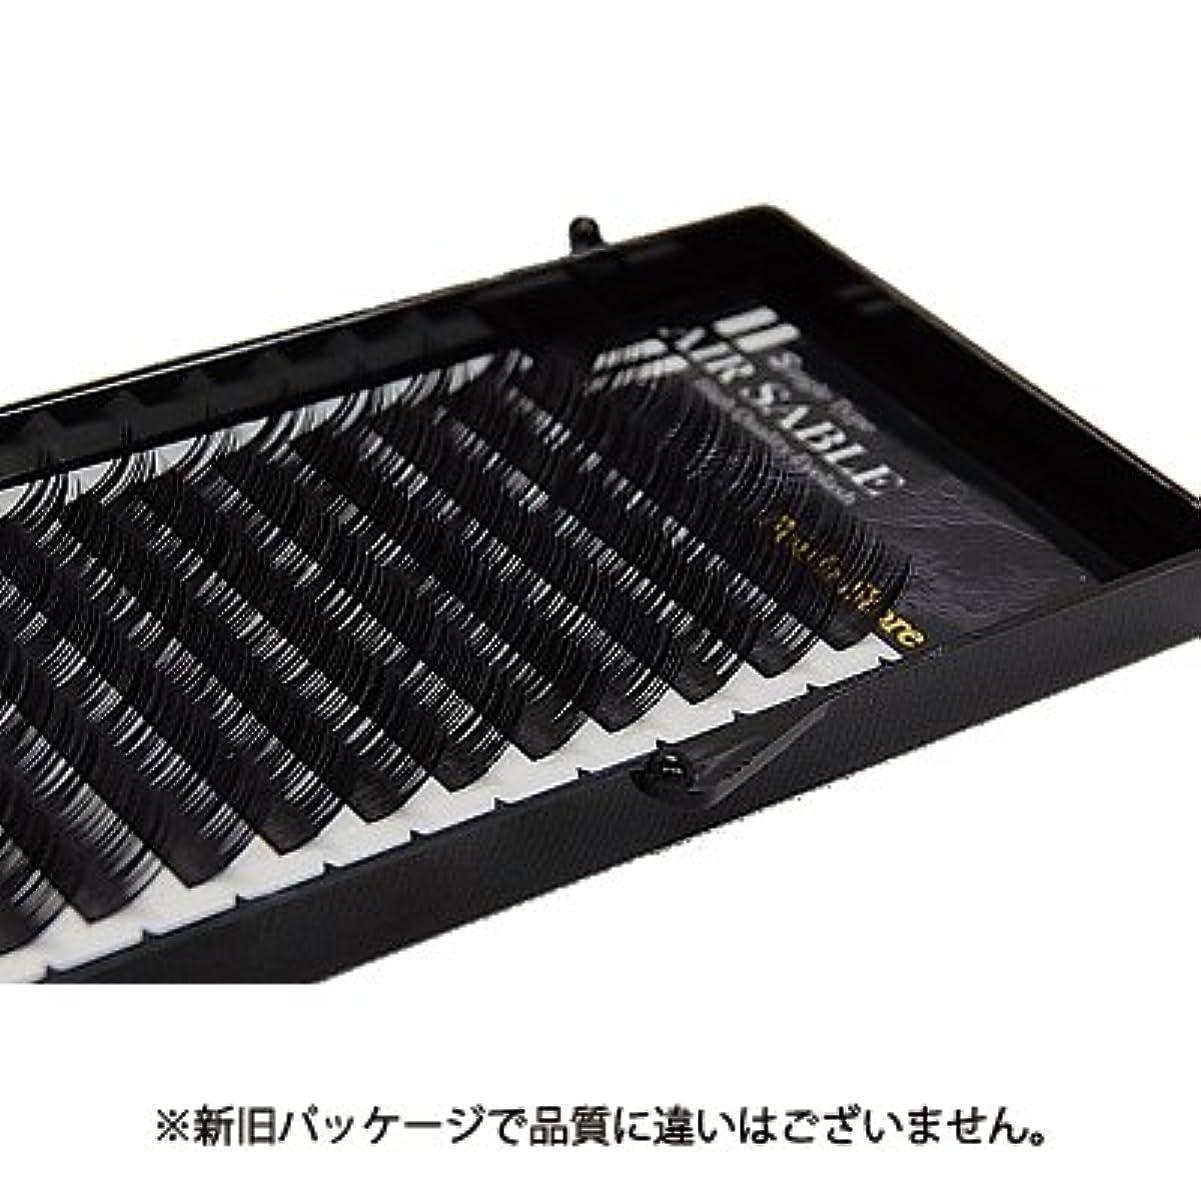 検閲びん再現する【フーラ】エアーセーブル シート 12列 Cカール 11mm×0.15mm